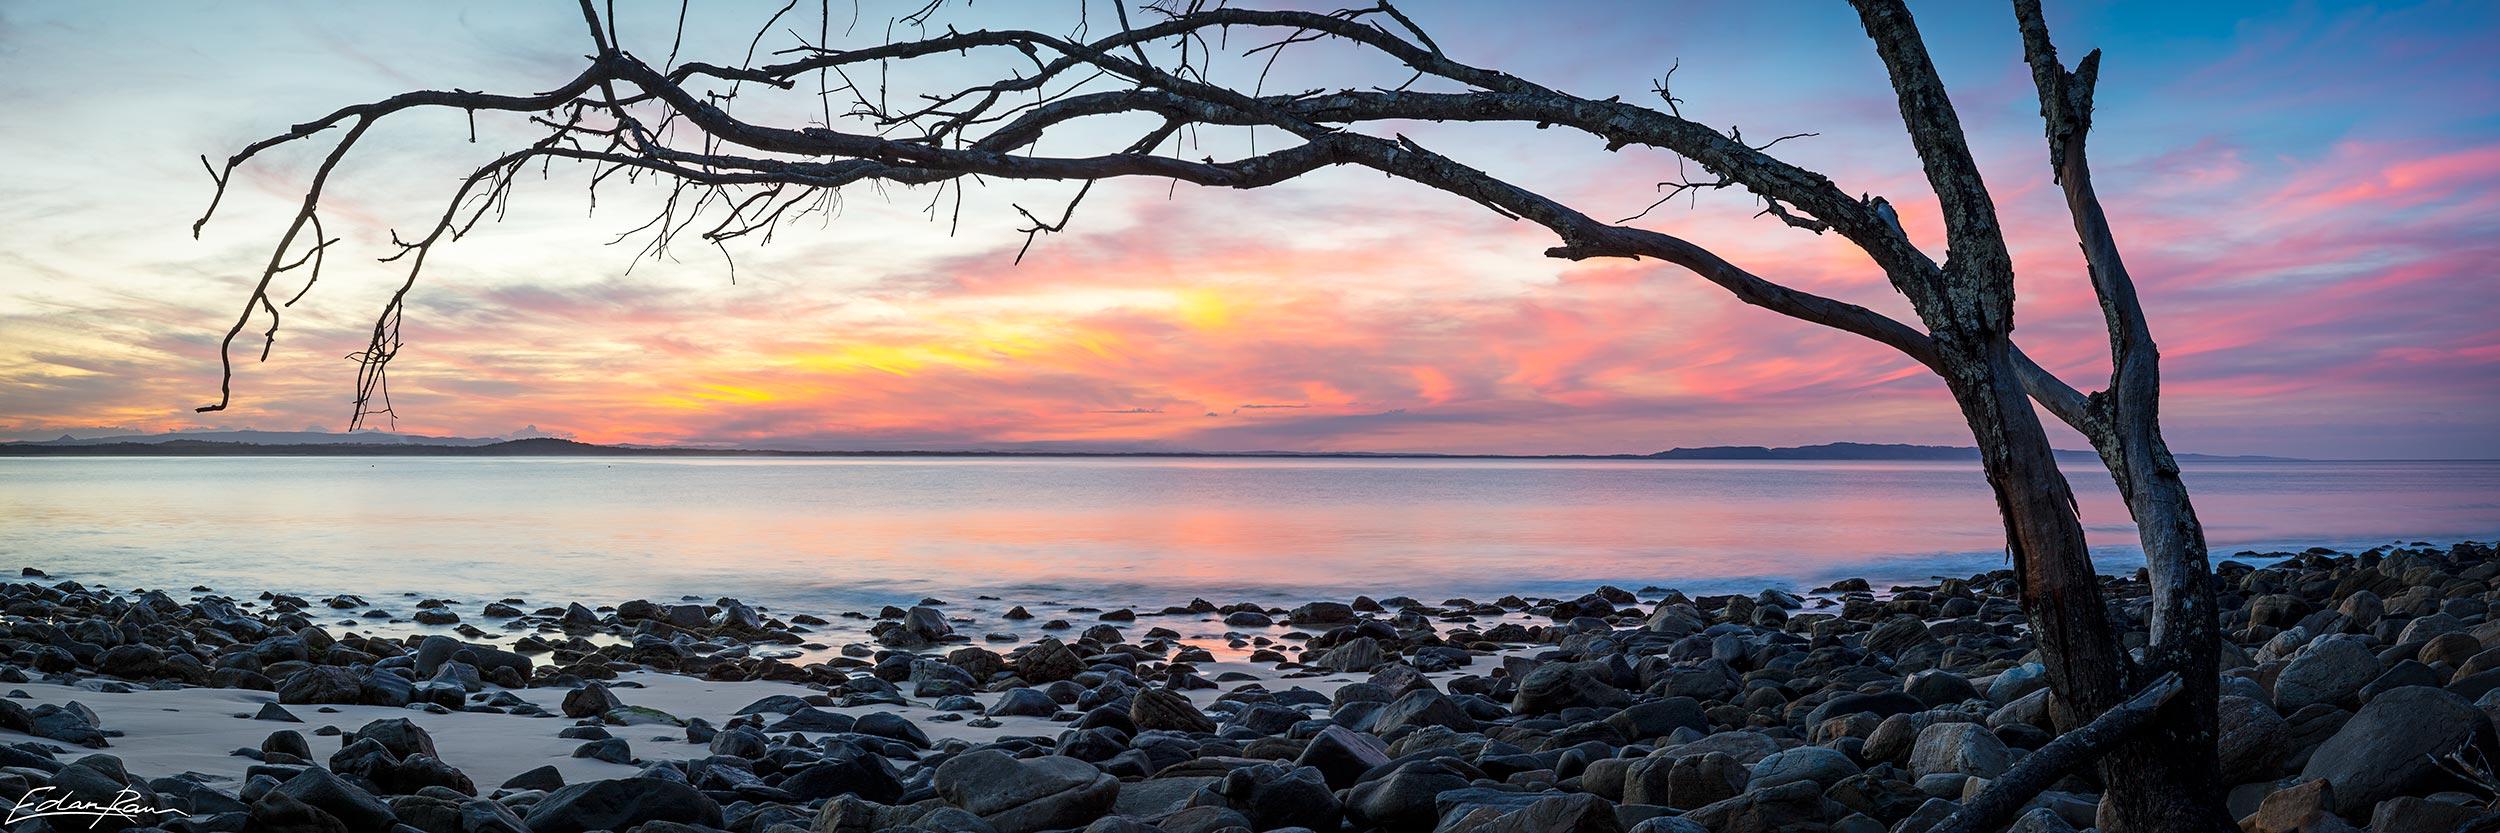 australian landscape photography for sale